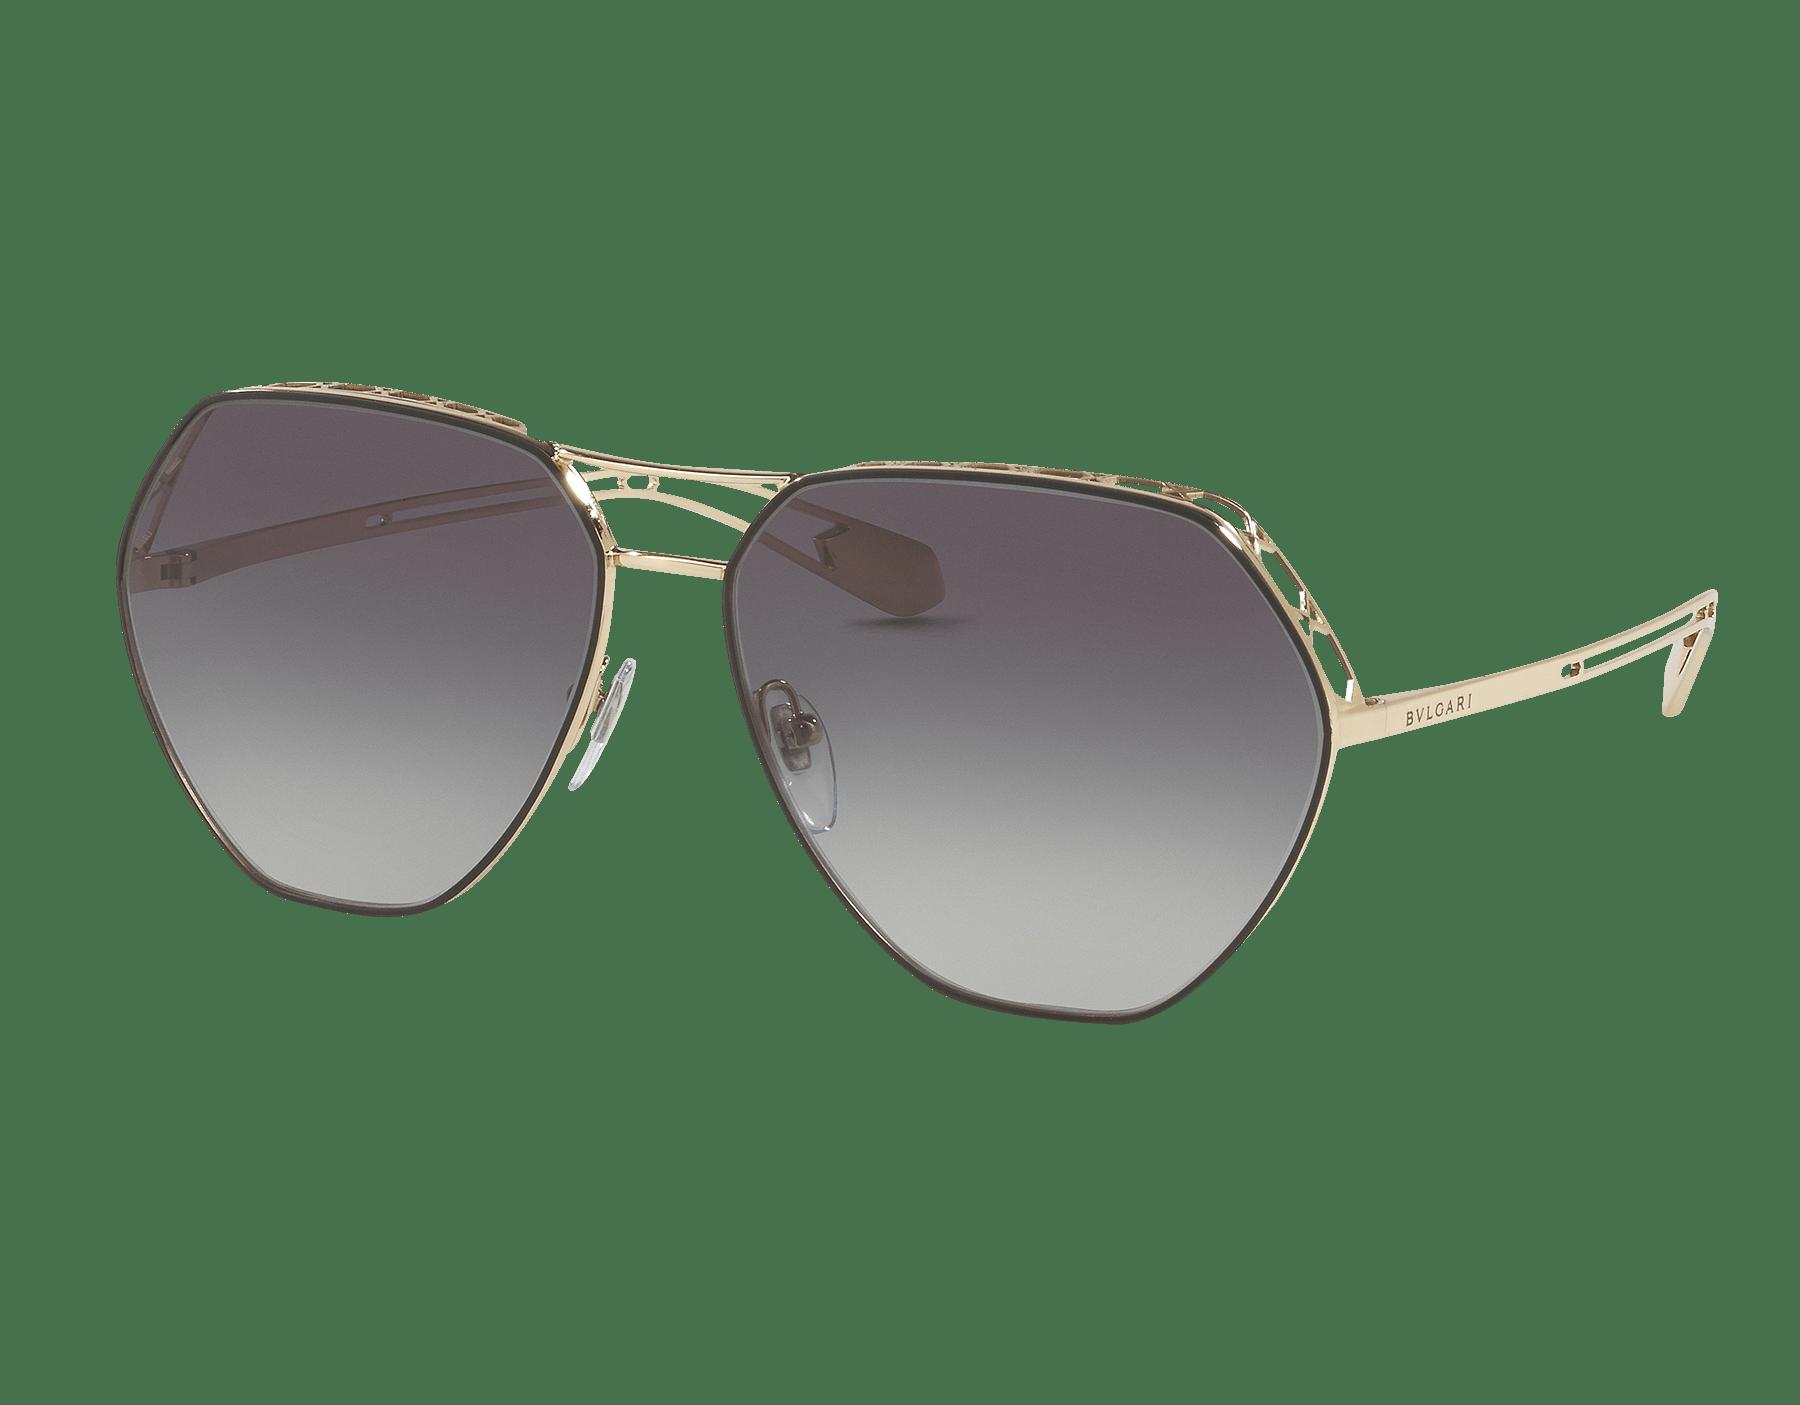 Óculos de sol Serpenti Freedomation em formato aviador extragrande com lentes angulares planas. 903405 image 1